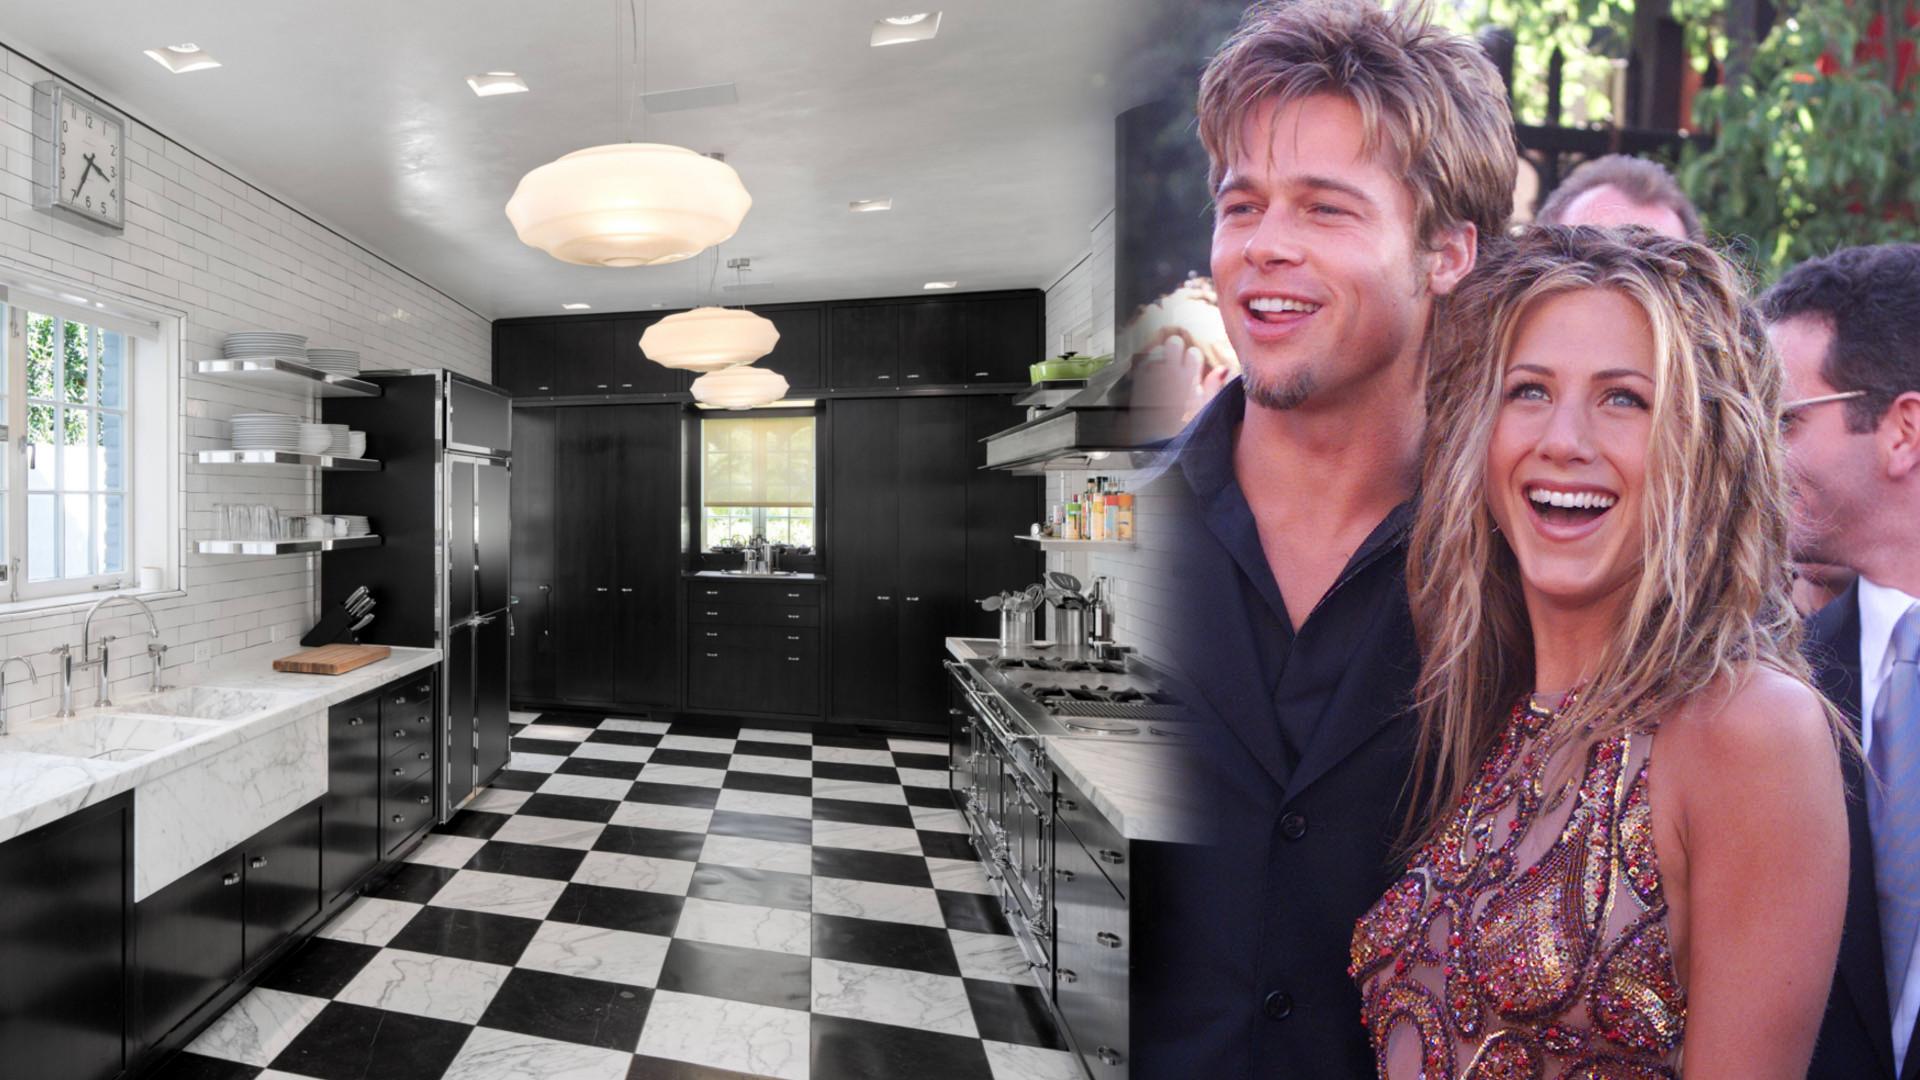 W tej kuchni Jennifer Aniston robiła Bradowi Pittowi jajecznicę i tosty – dom byłych małżonków wystawiono na sprzedaż (ZDJĘCIA)